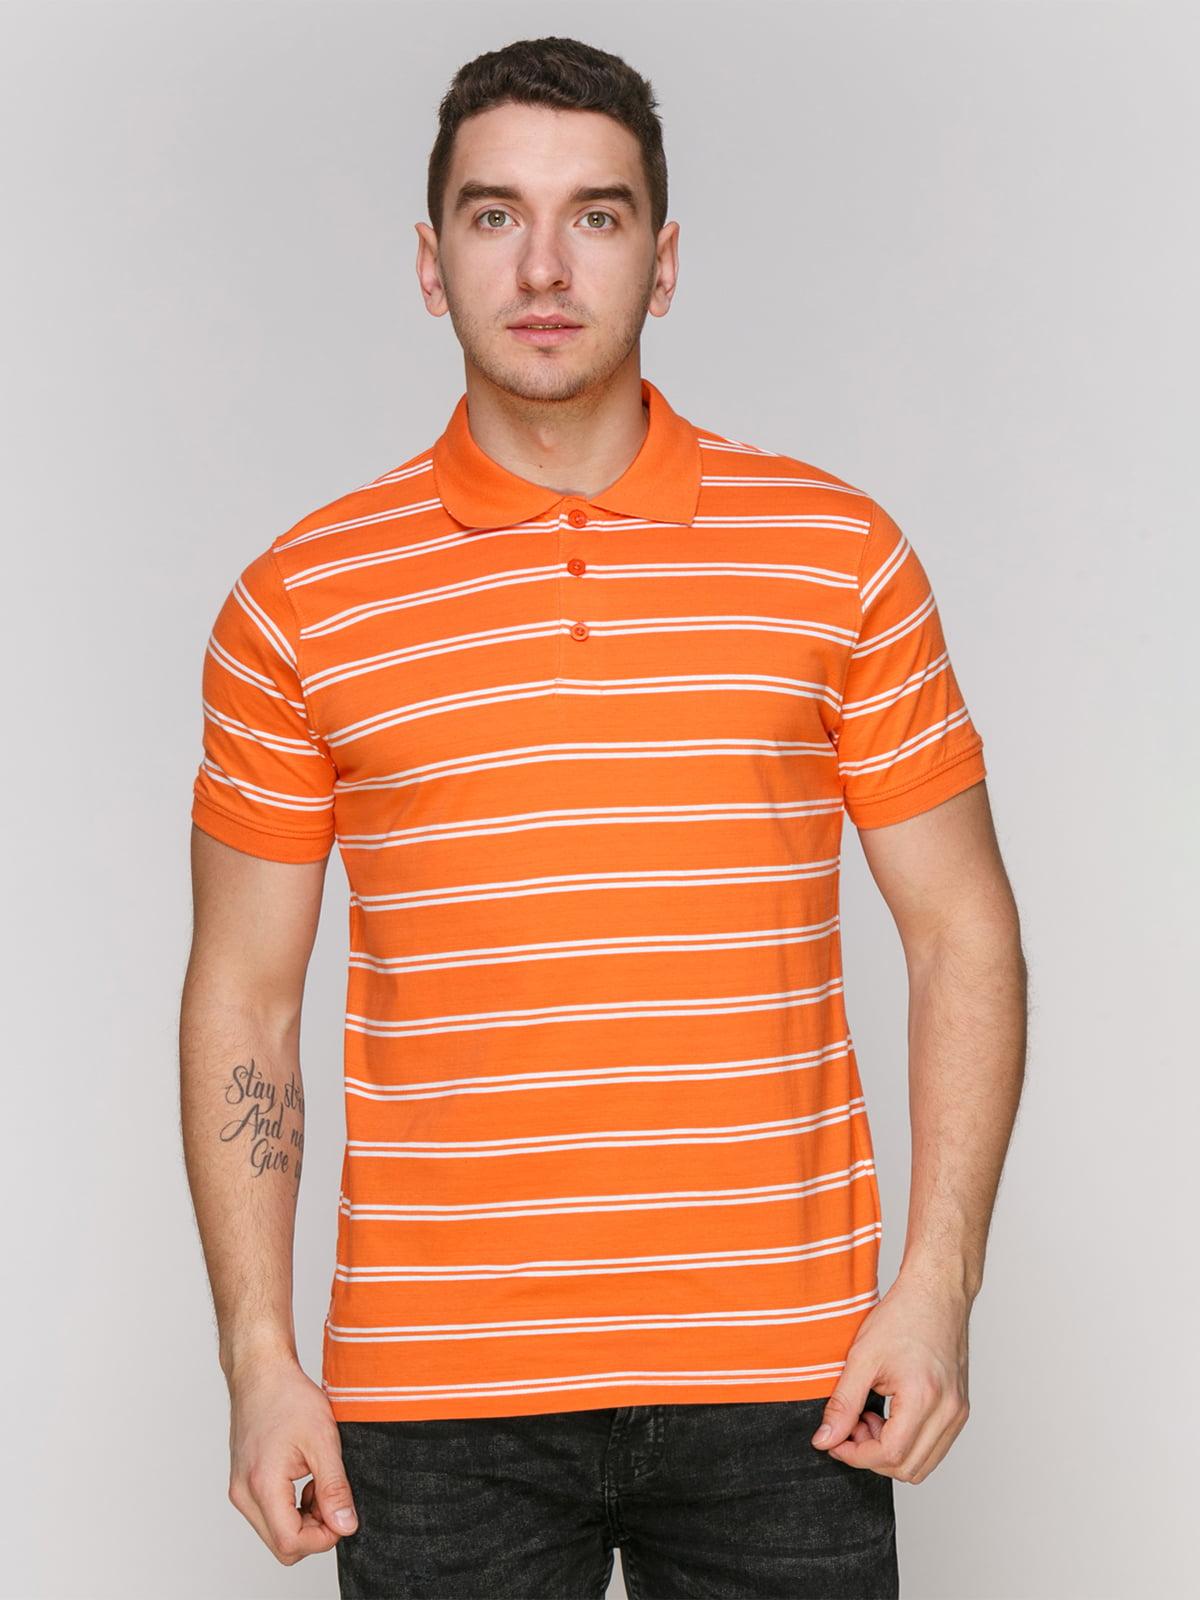 Футболка-поло помаранчева в смужку | 4854918